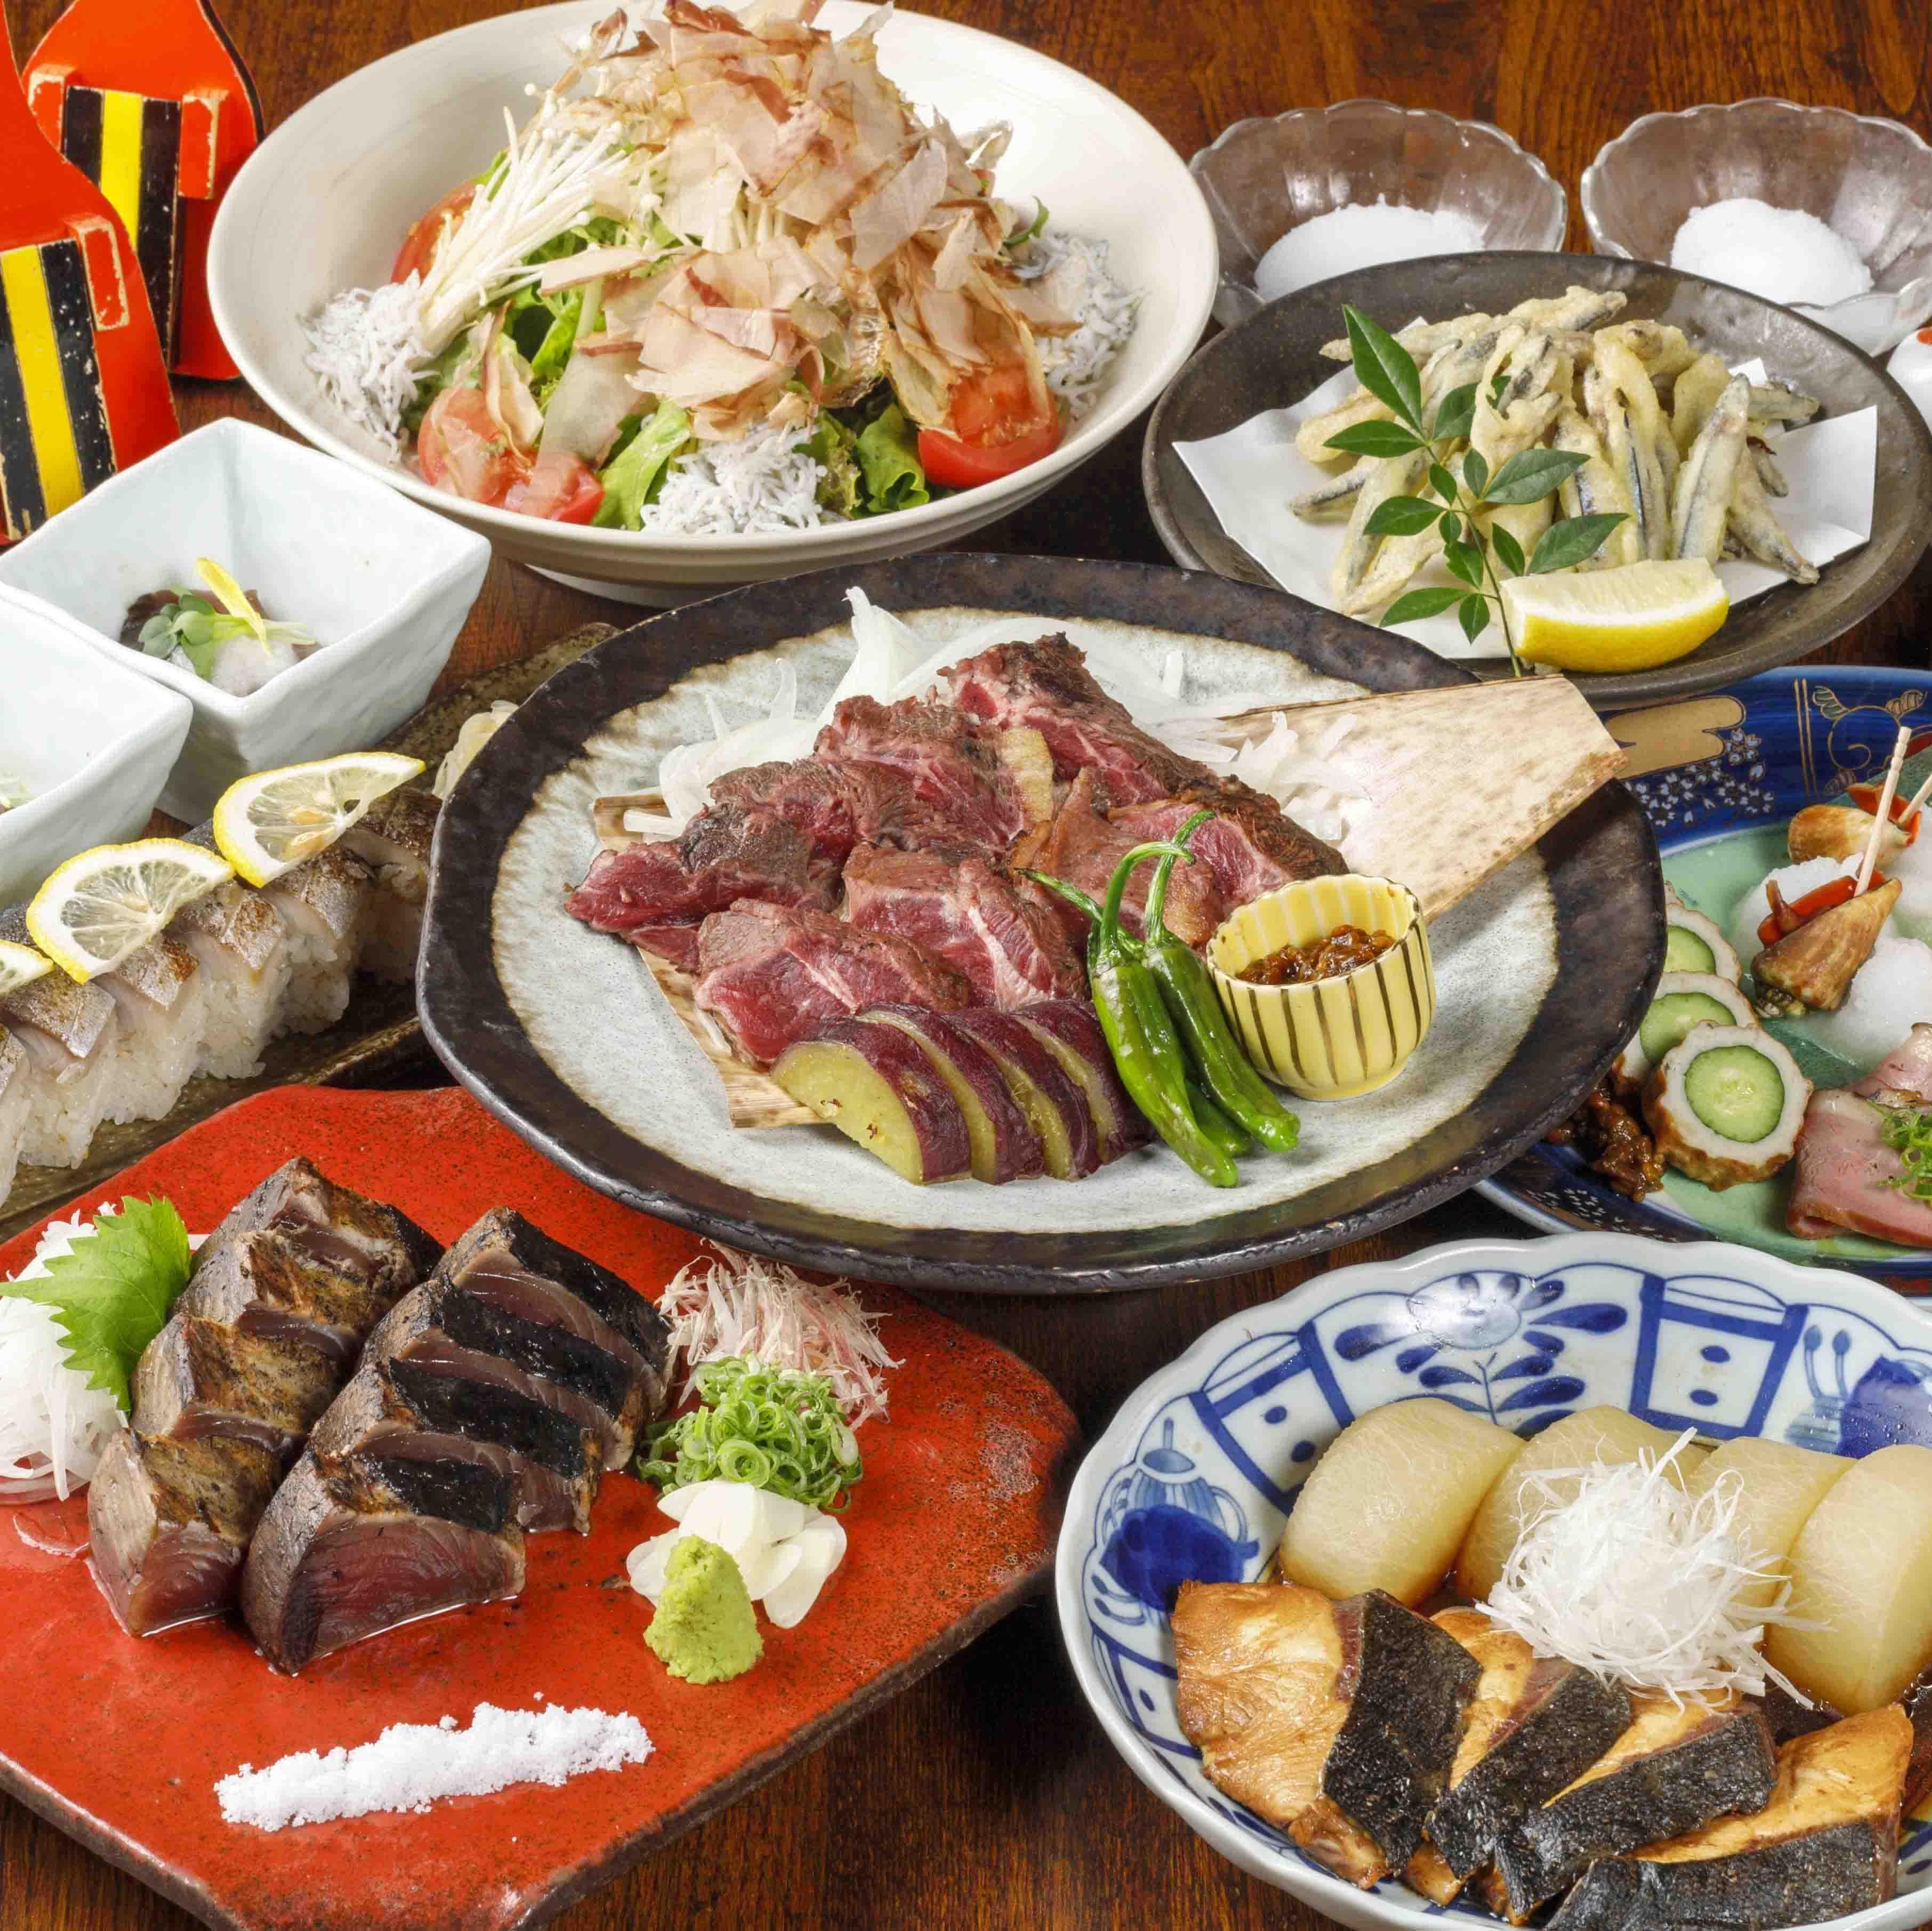 [3時間飲み放題] 名物鰹の藁焼き×鰻の土鍋飯 はりまやコース11品